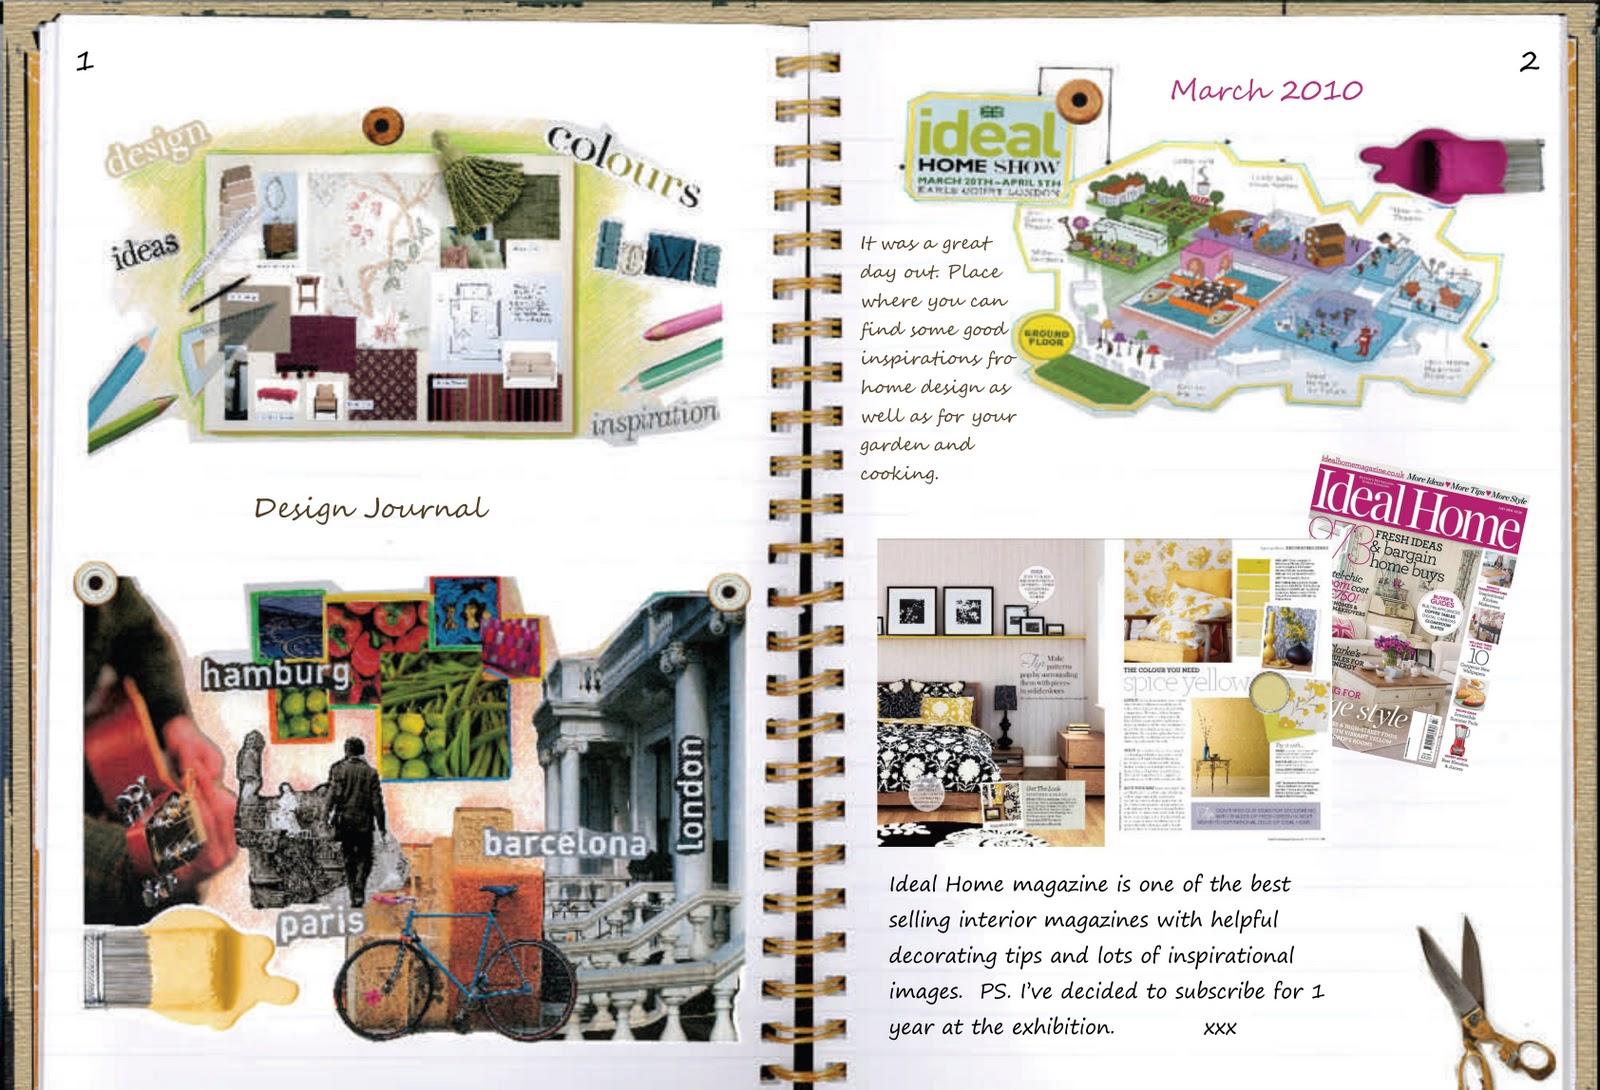 Nda interior design news september 2011 - Design journal magazine ...